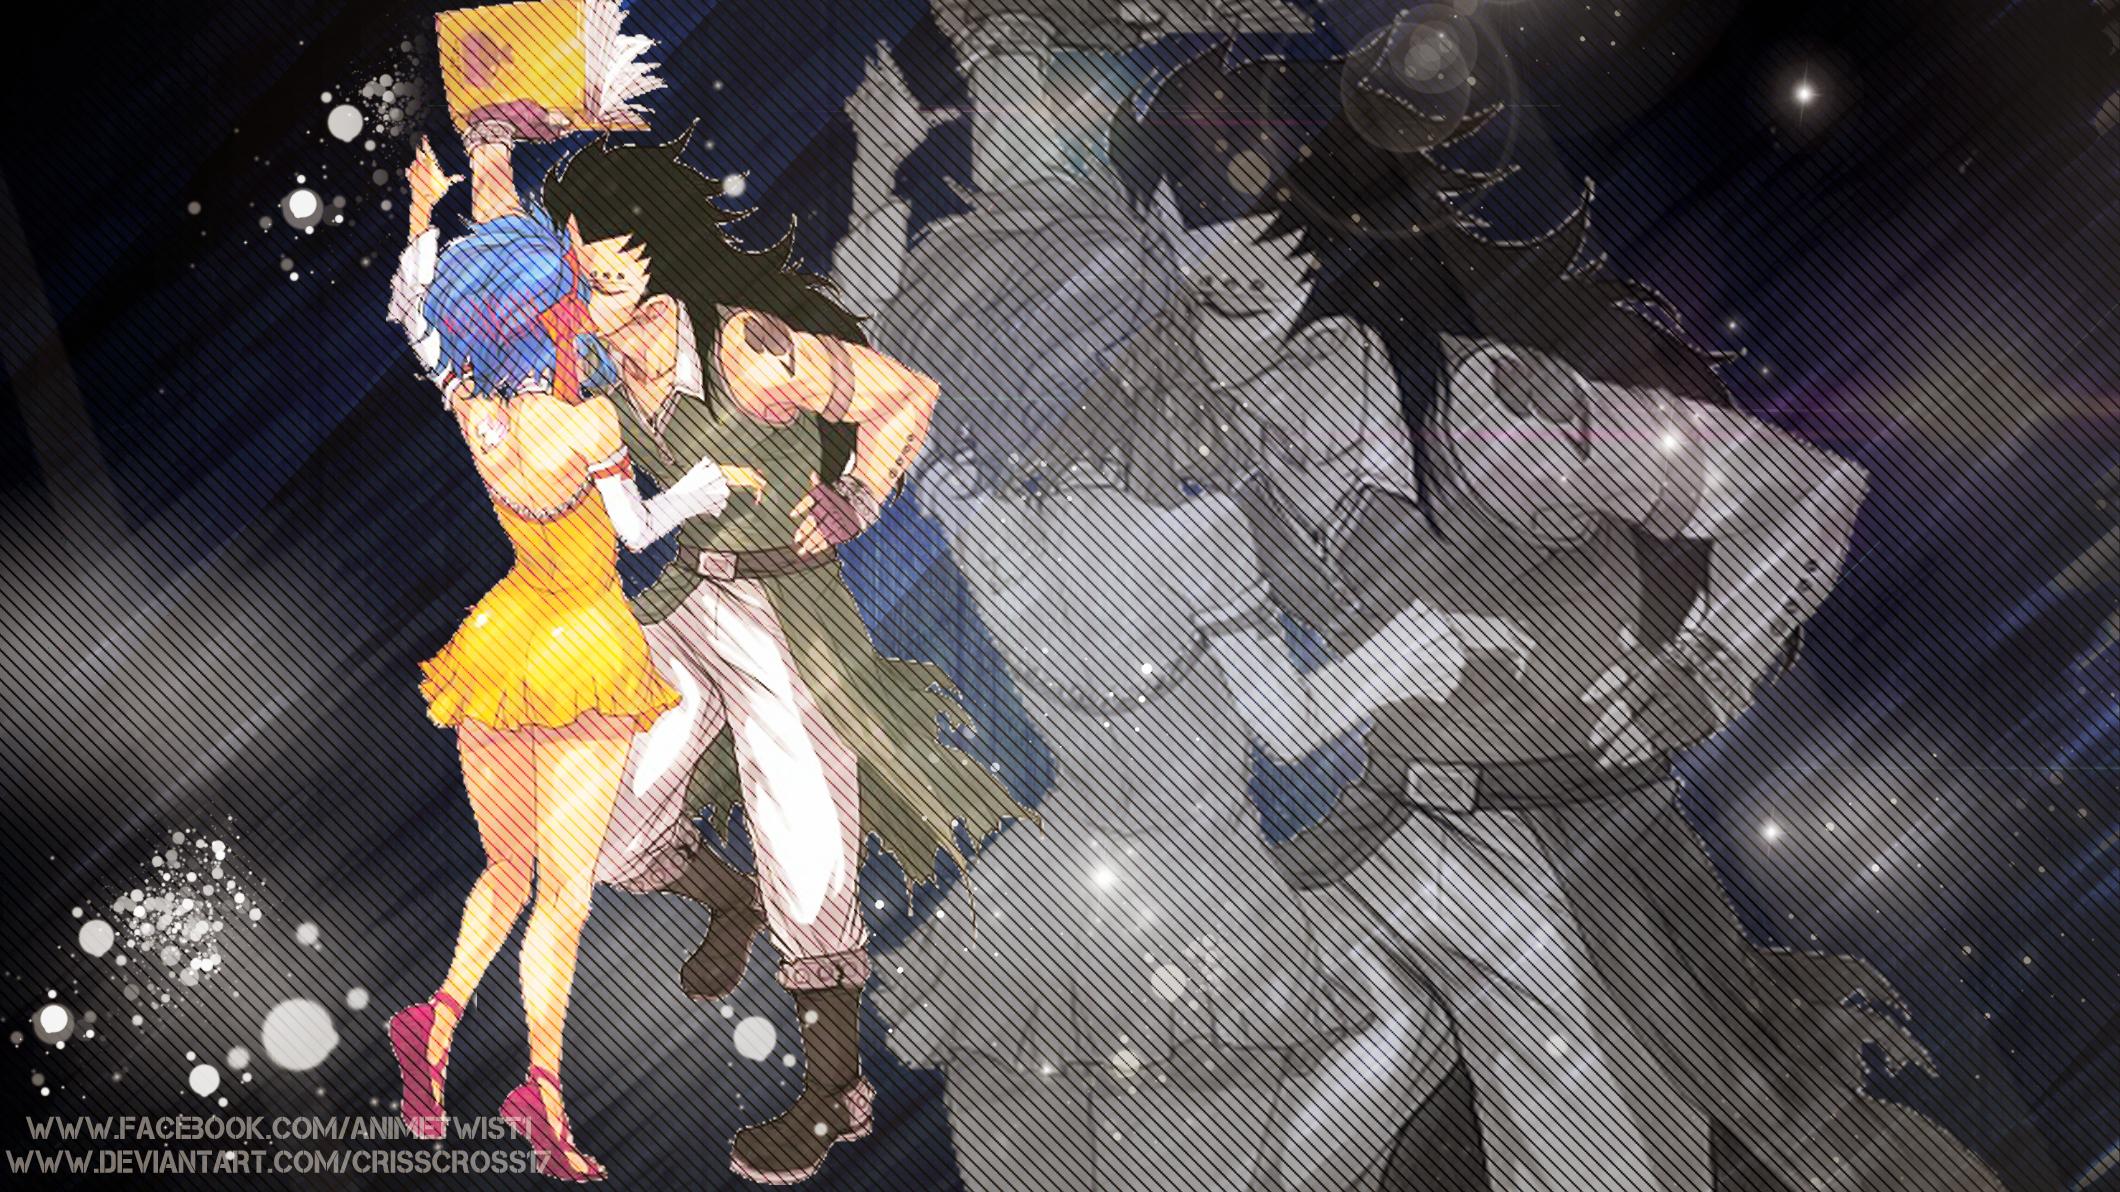 Levy x Gajeel [Fairy Tail] Wallpaper by Crisscross17 on ...